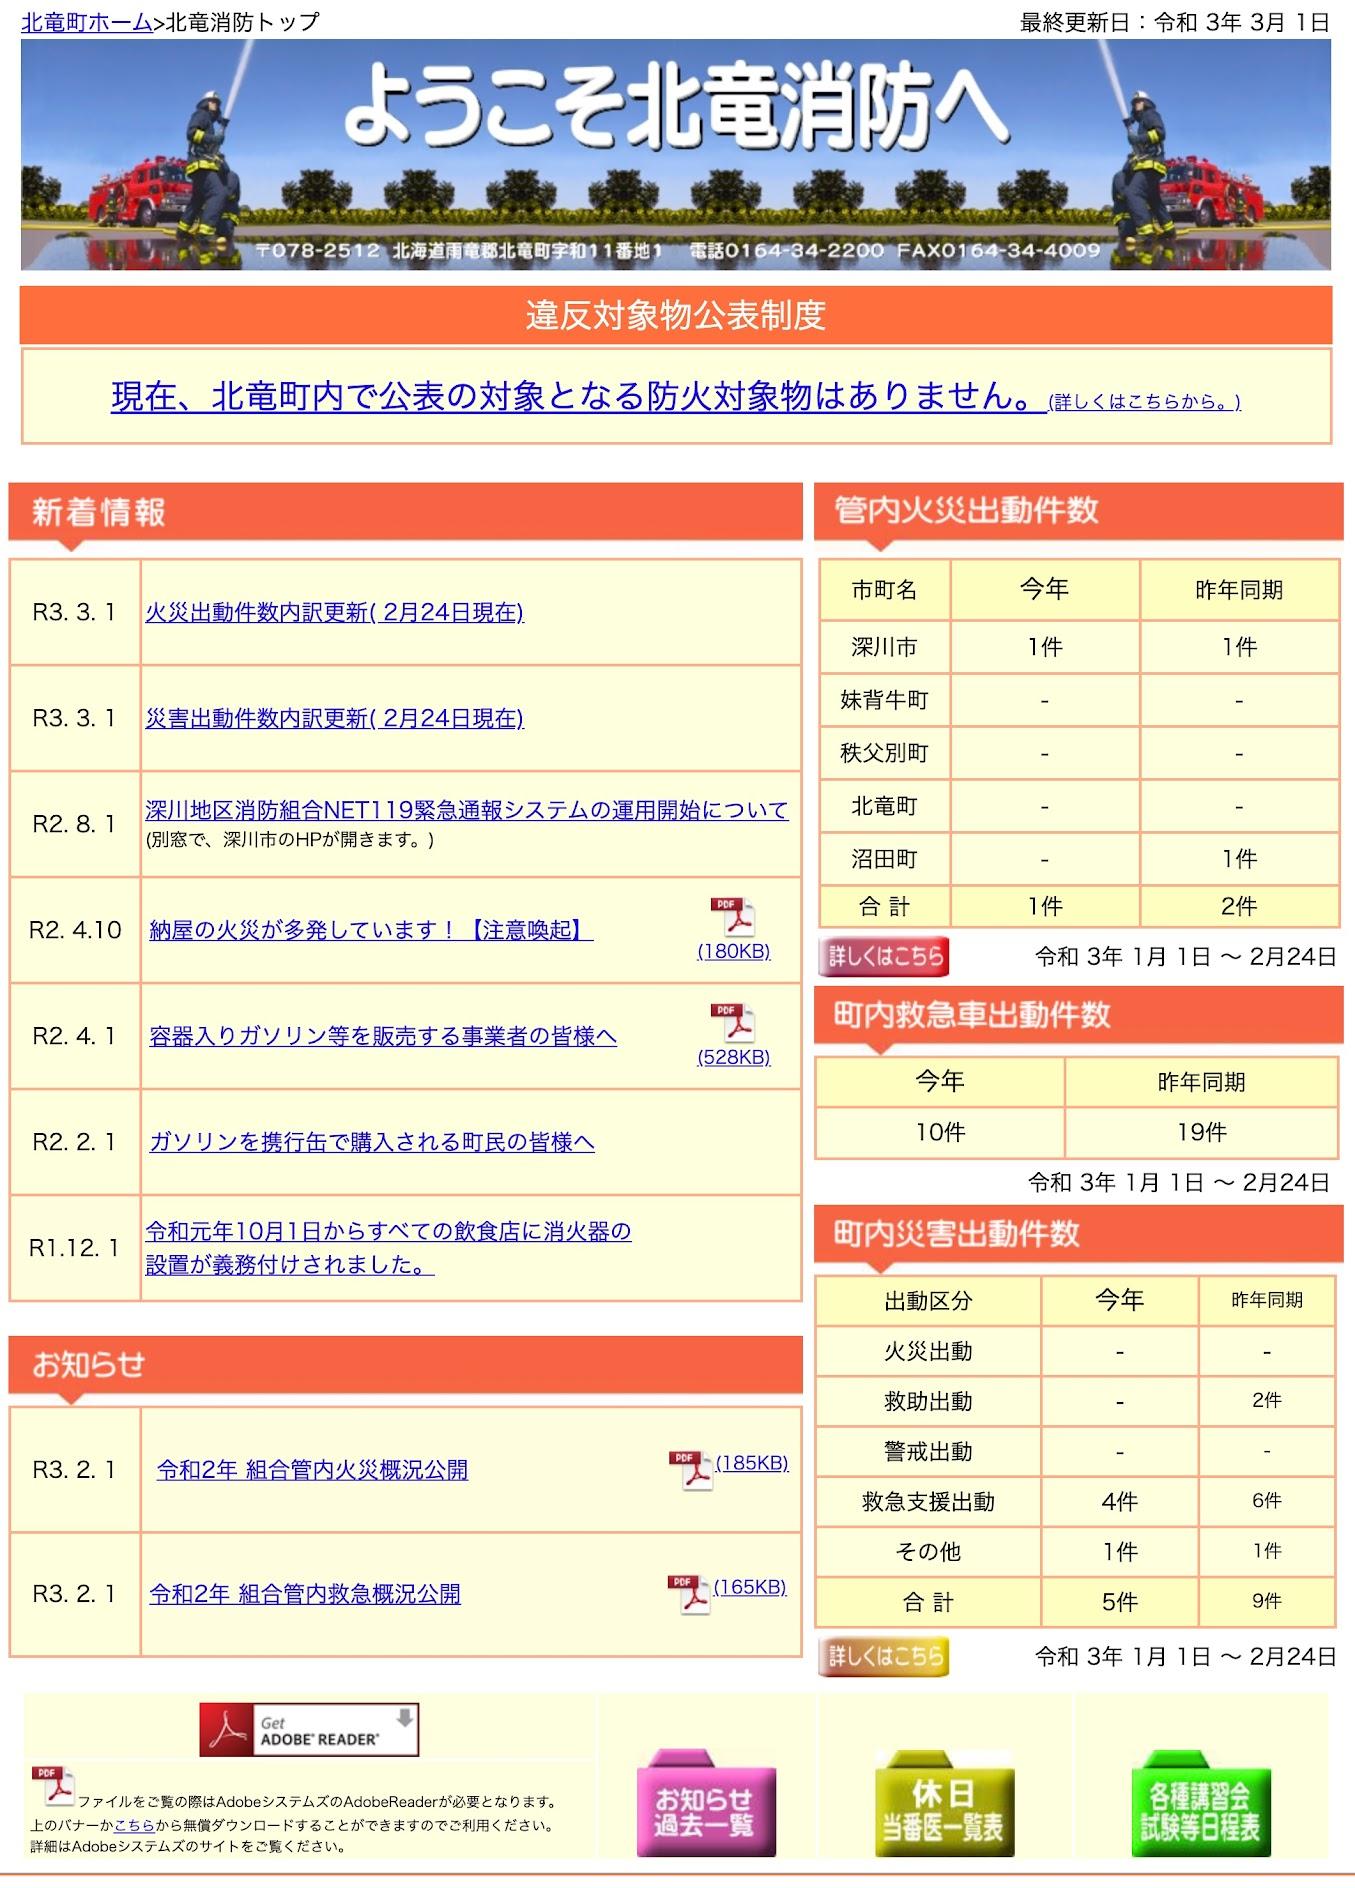 2021年1月分:火災・災害出動件数内訳更新【北竜消防】